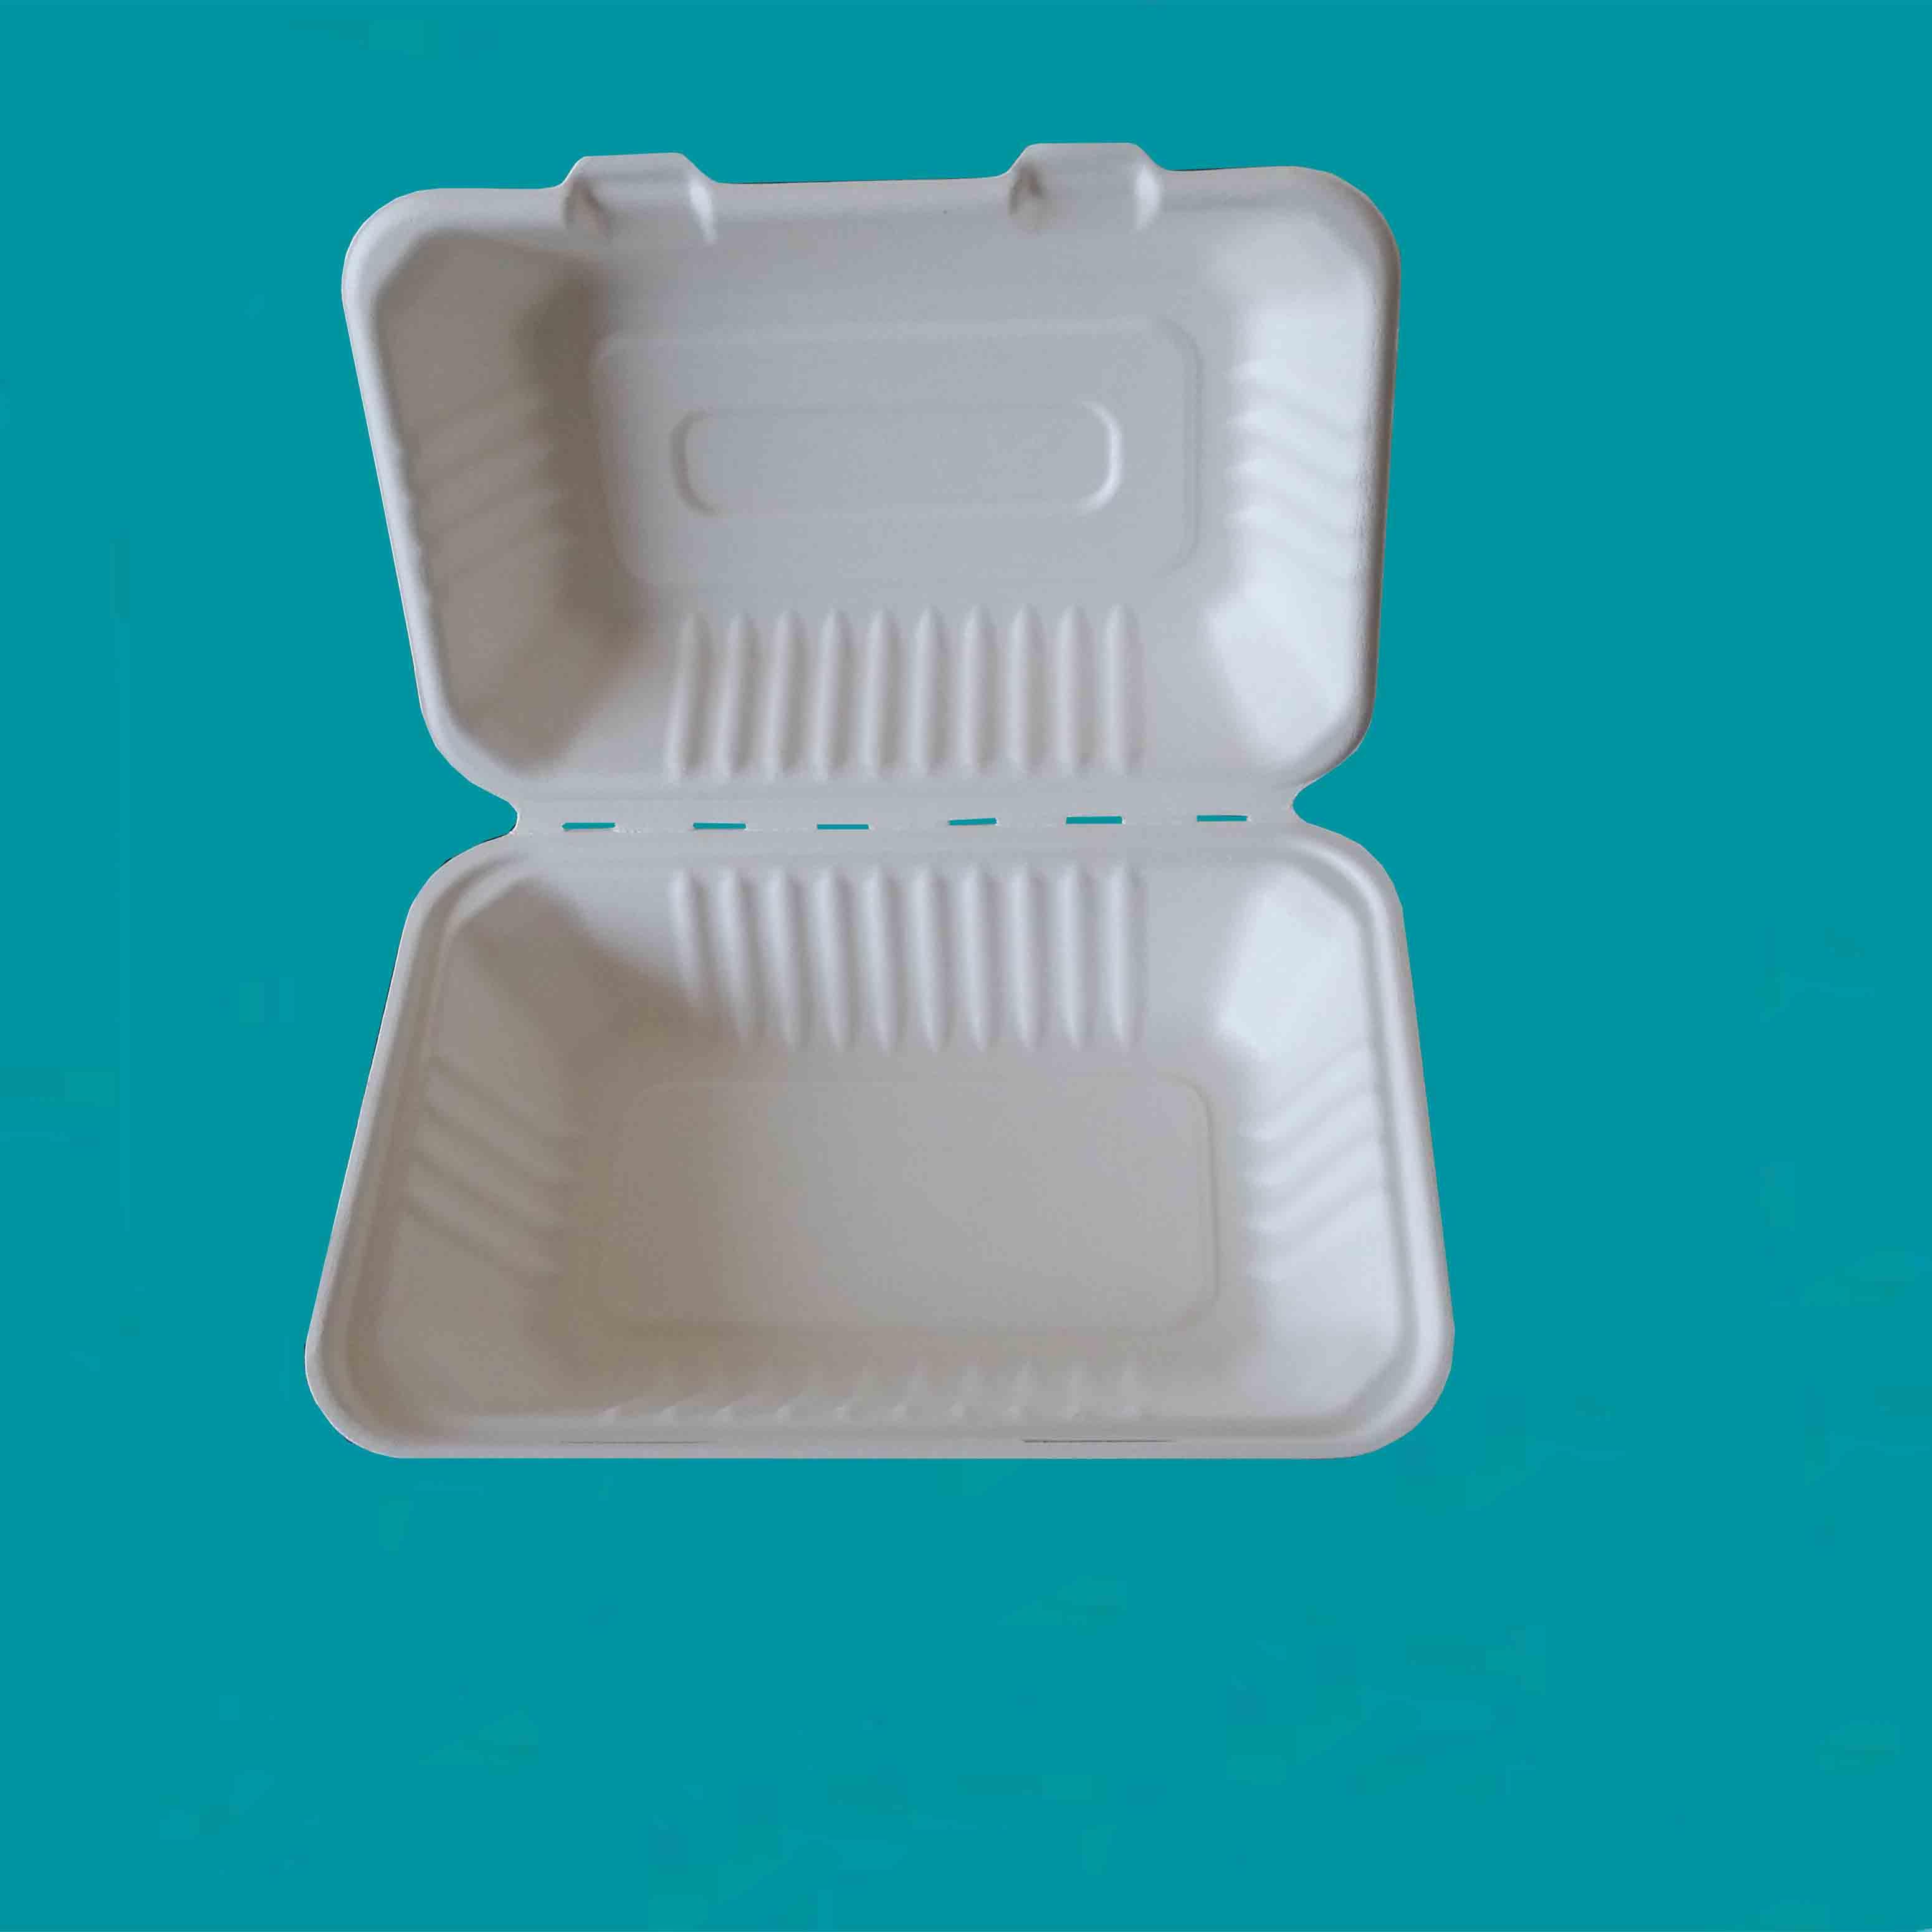 一次性餐具--适用于饭店外卖送餐用打包饭盒(800ml)9*6餐盒